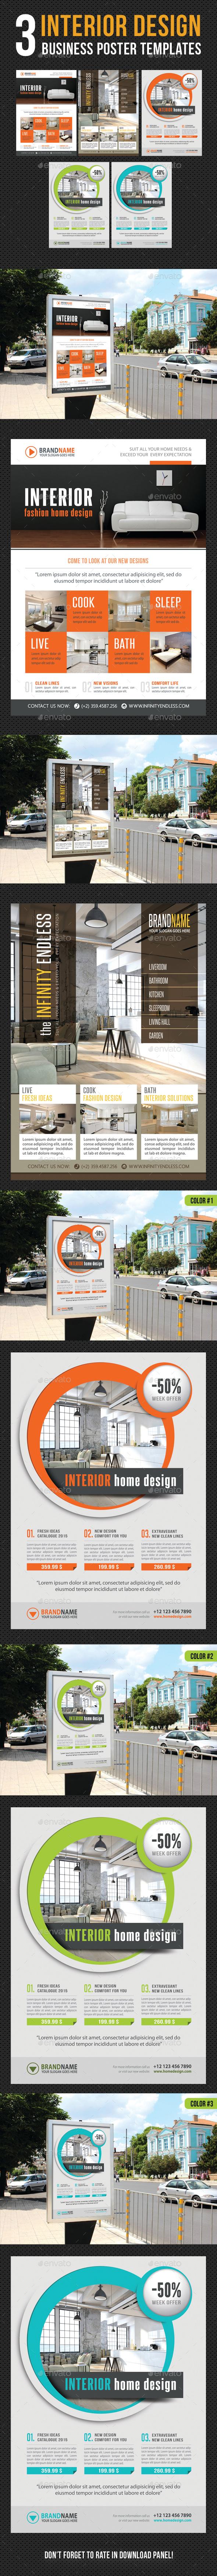 3 in 1 Interior Design Poster Bundle V03 - Signage Print Templates